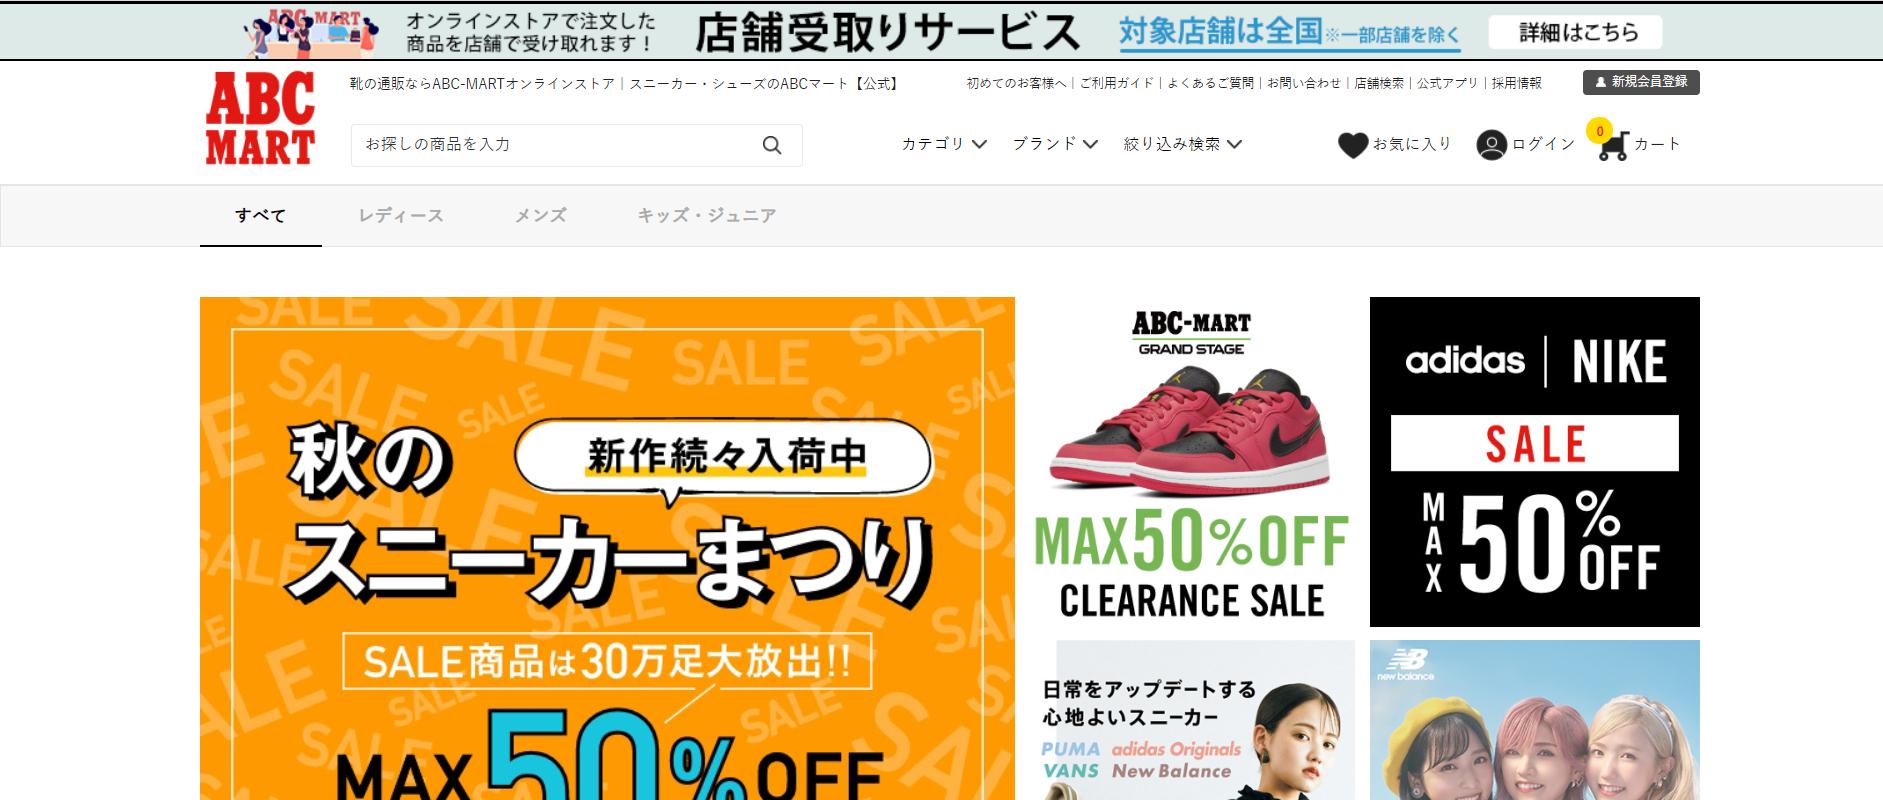 出典)ABCマート公式サイト